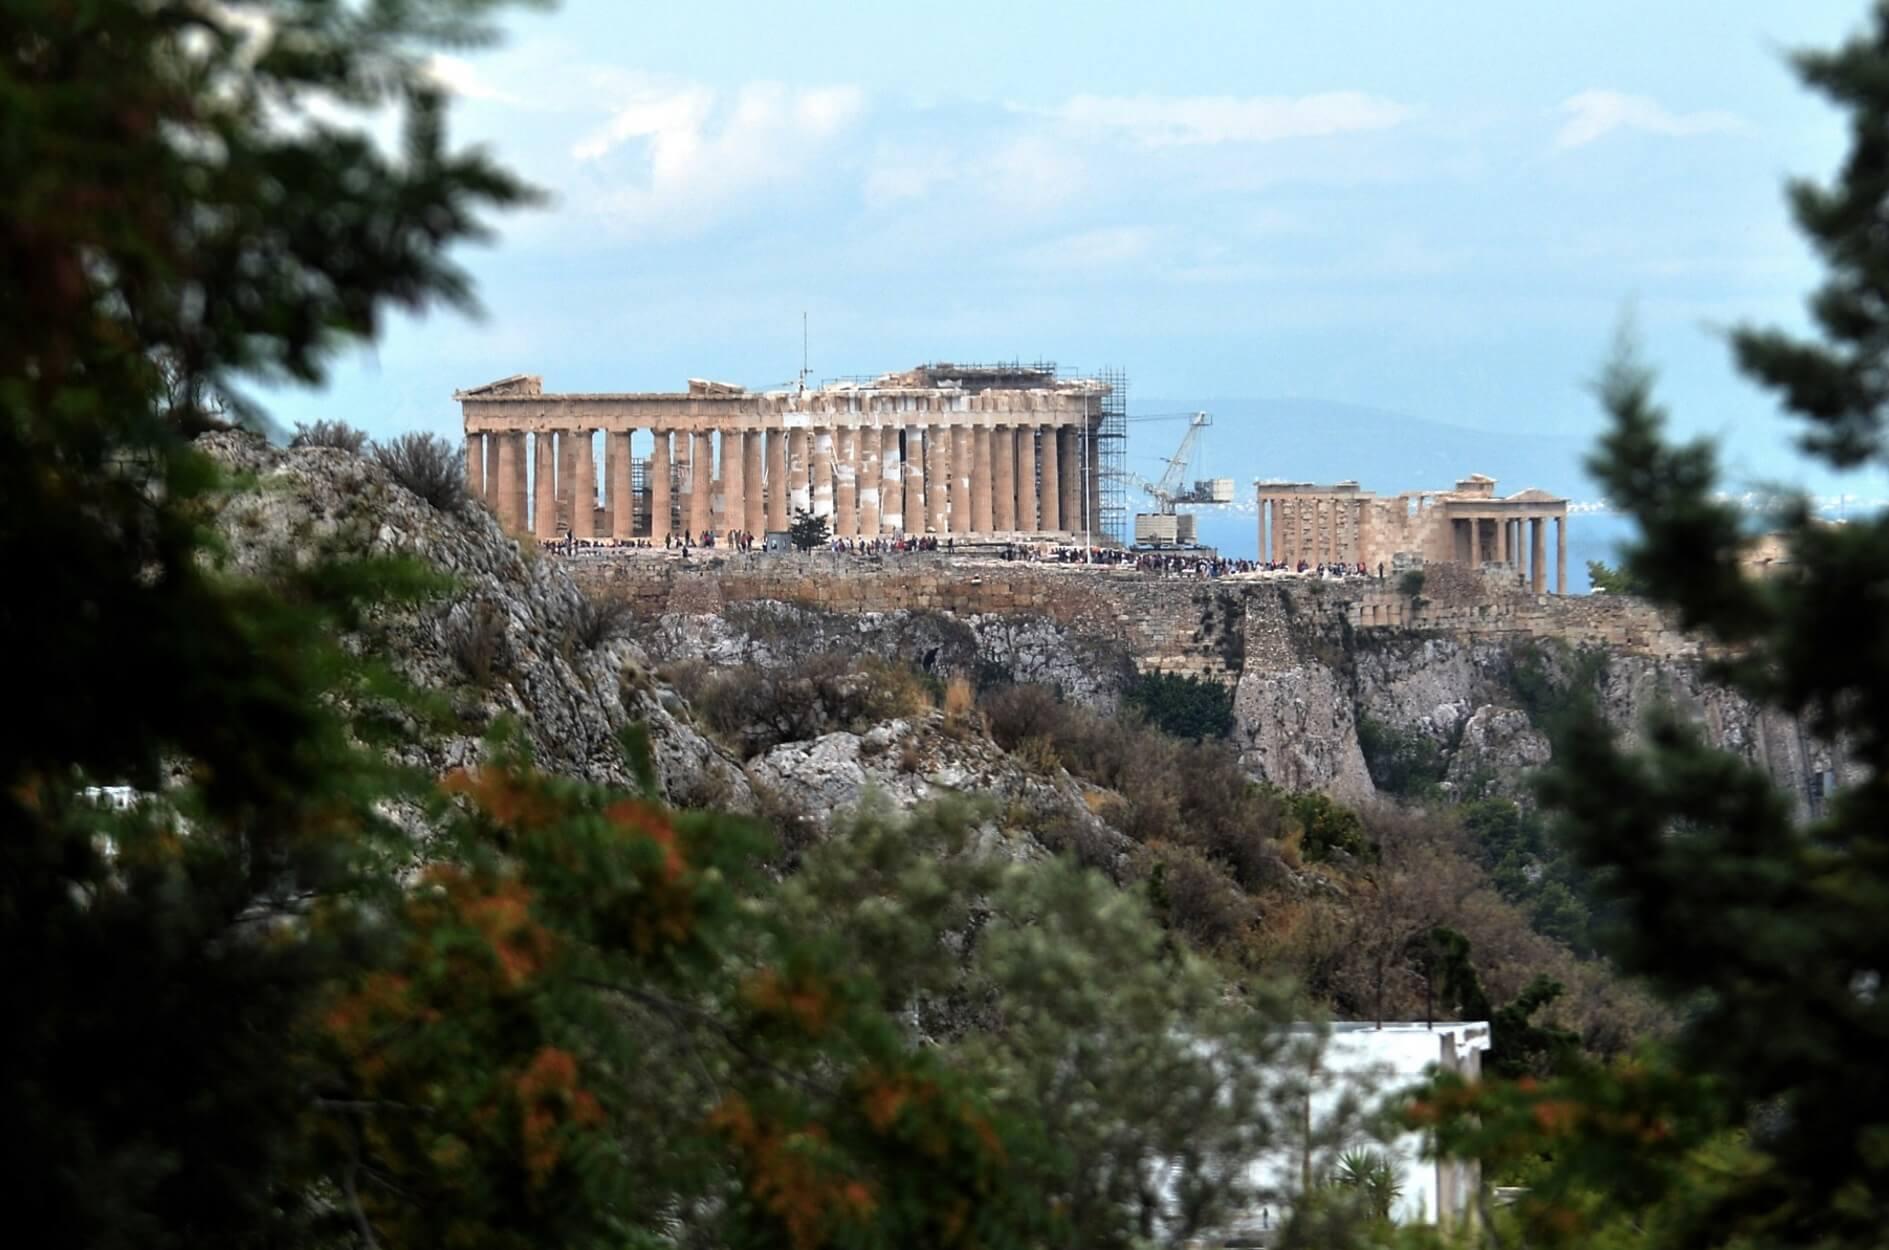 Ξαναχτίζουν τον Παρθενώνα! Η ιστορική απόφαση του ΚΑΣ που αναμορφώνει τον ναό